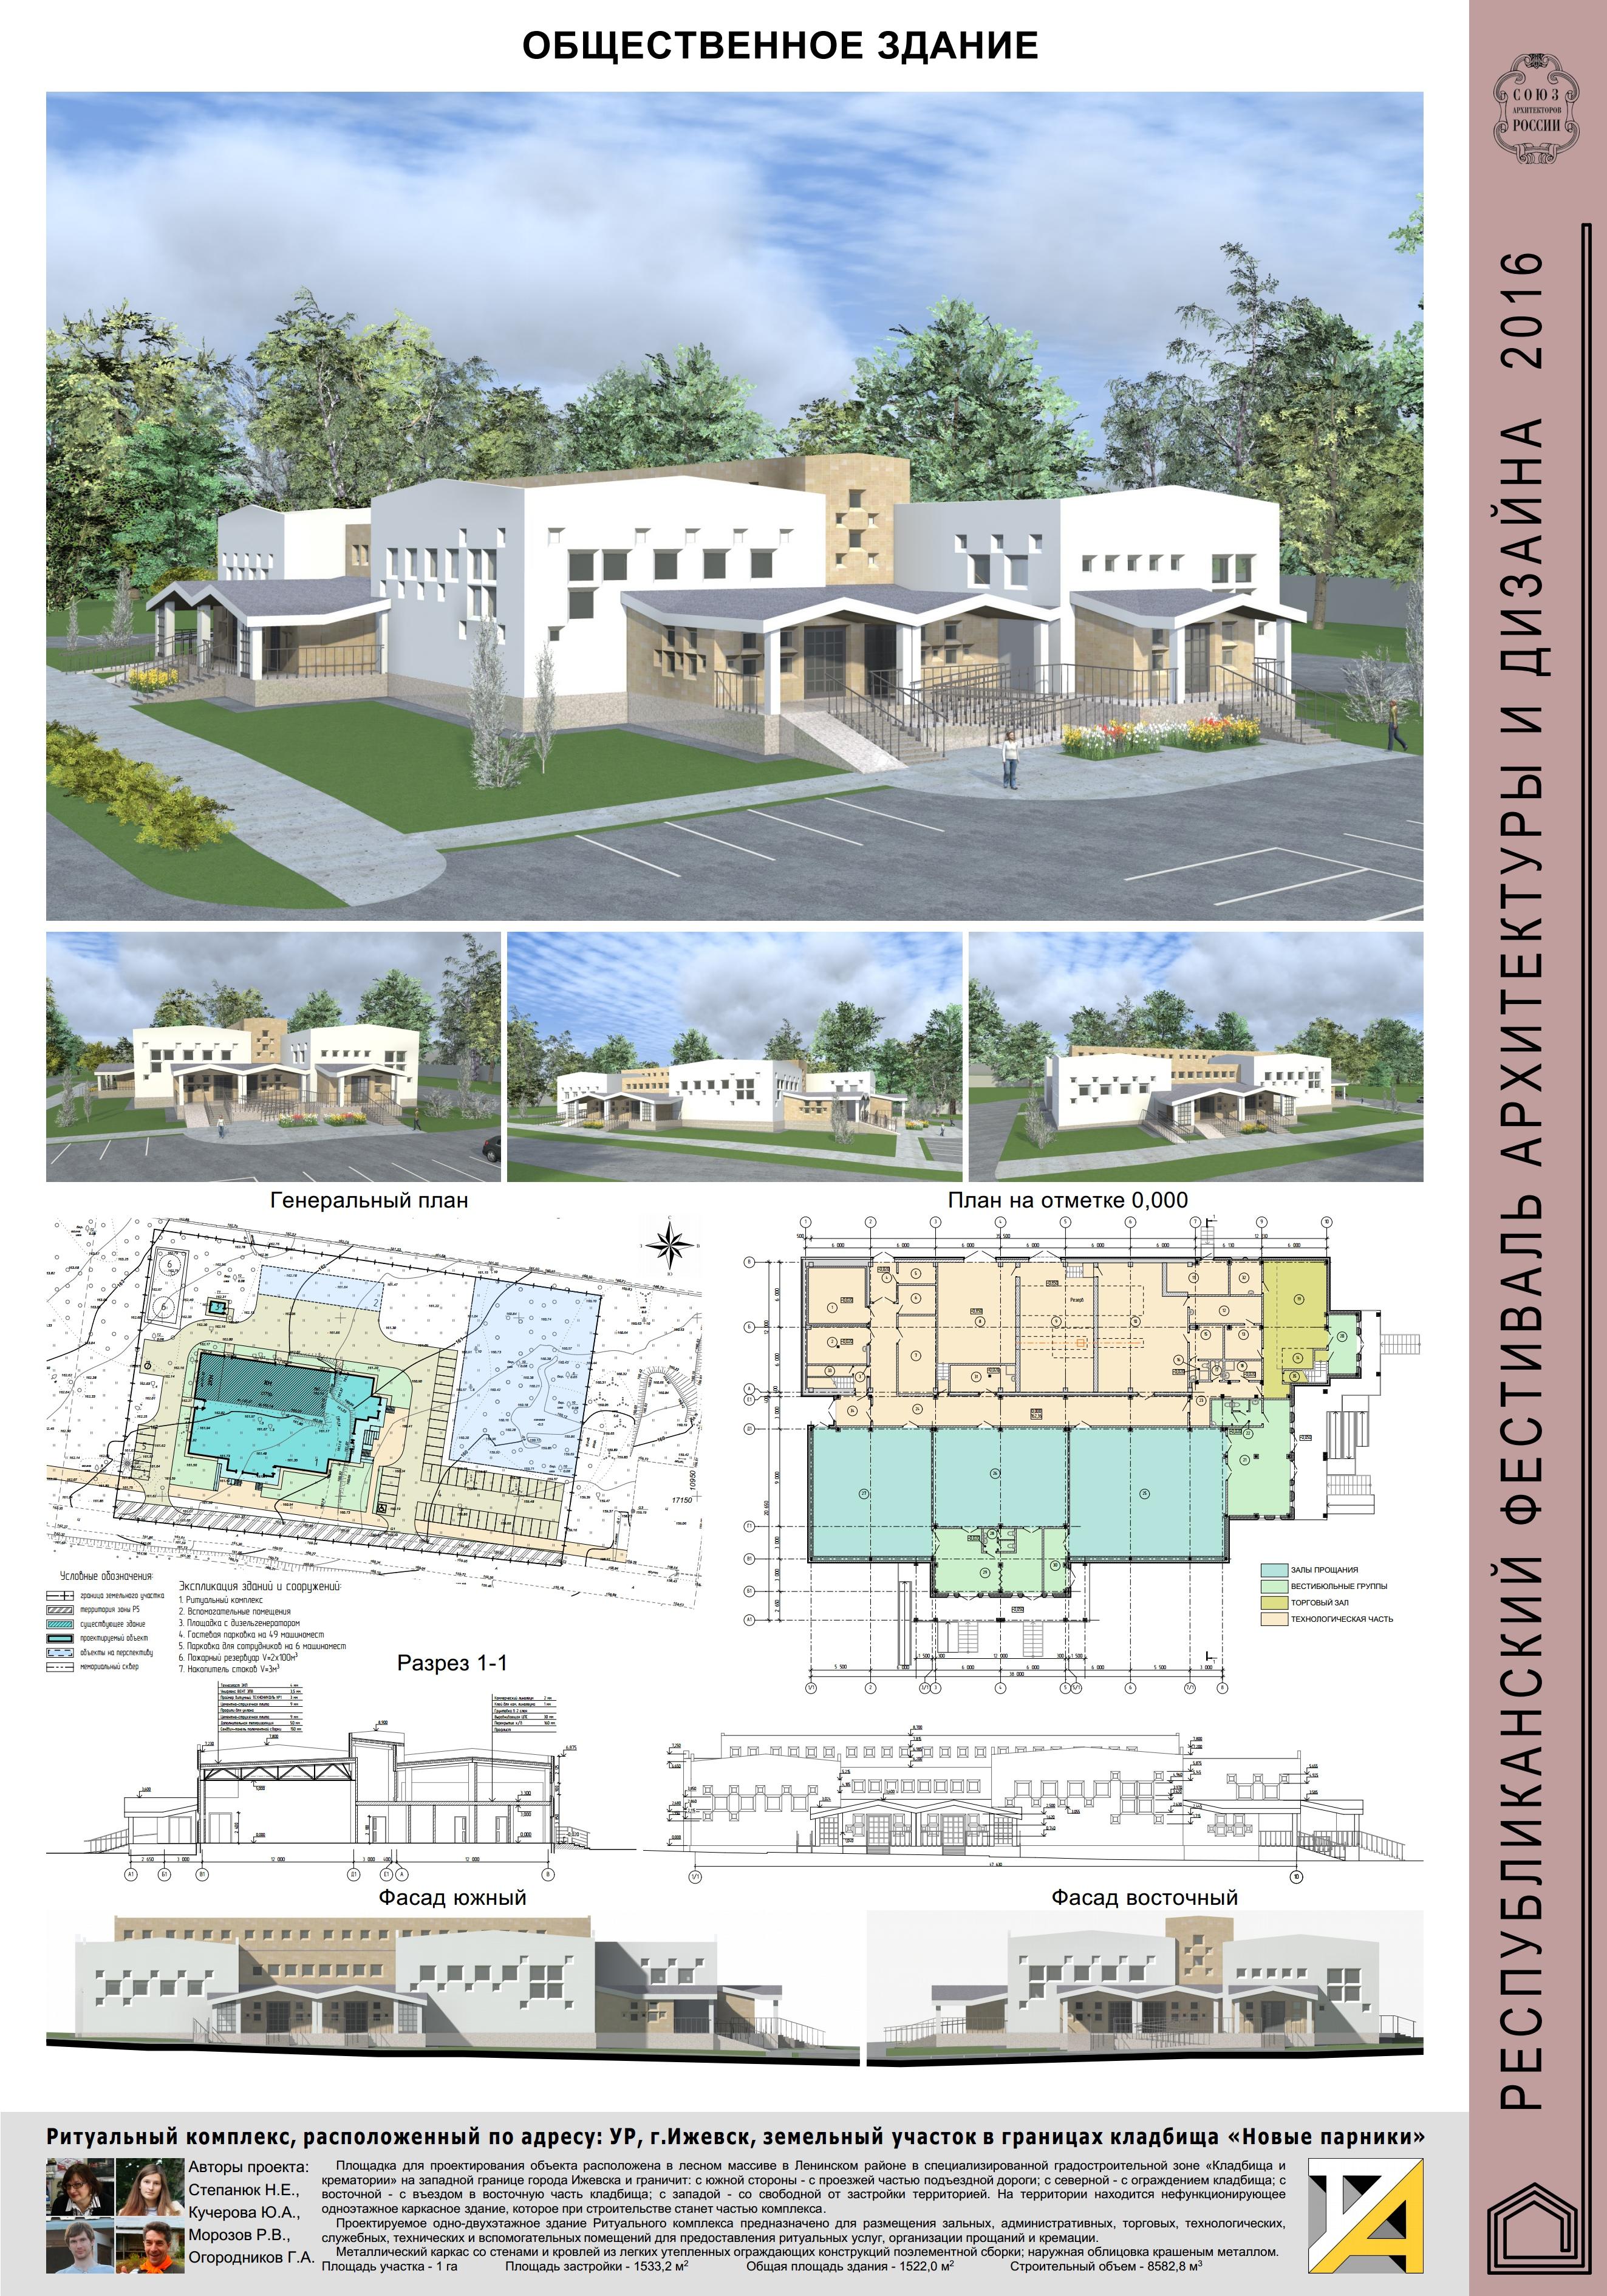 Планшет проекта ритуального комплекса, участвовавшего в конкурсной программе 3-го фестиваля архитектуры и дизайна Удмуртской Республики